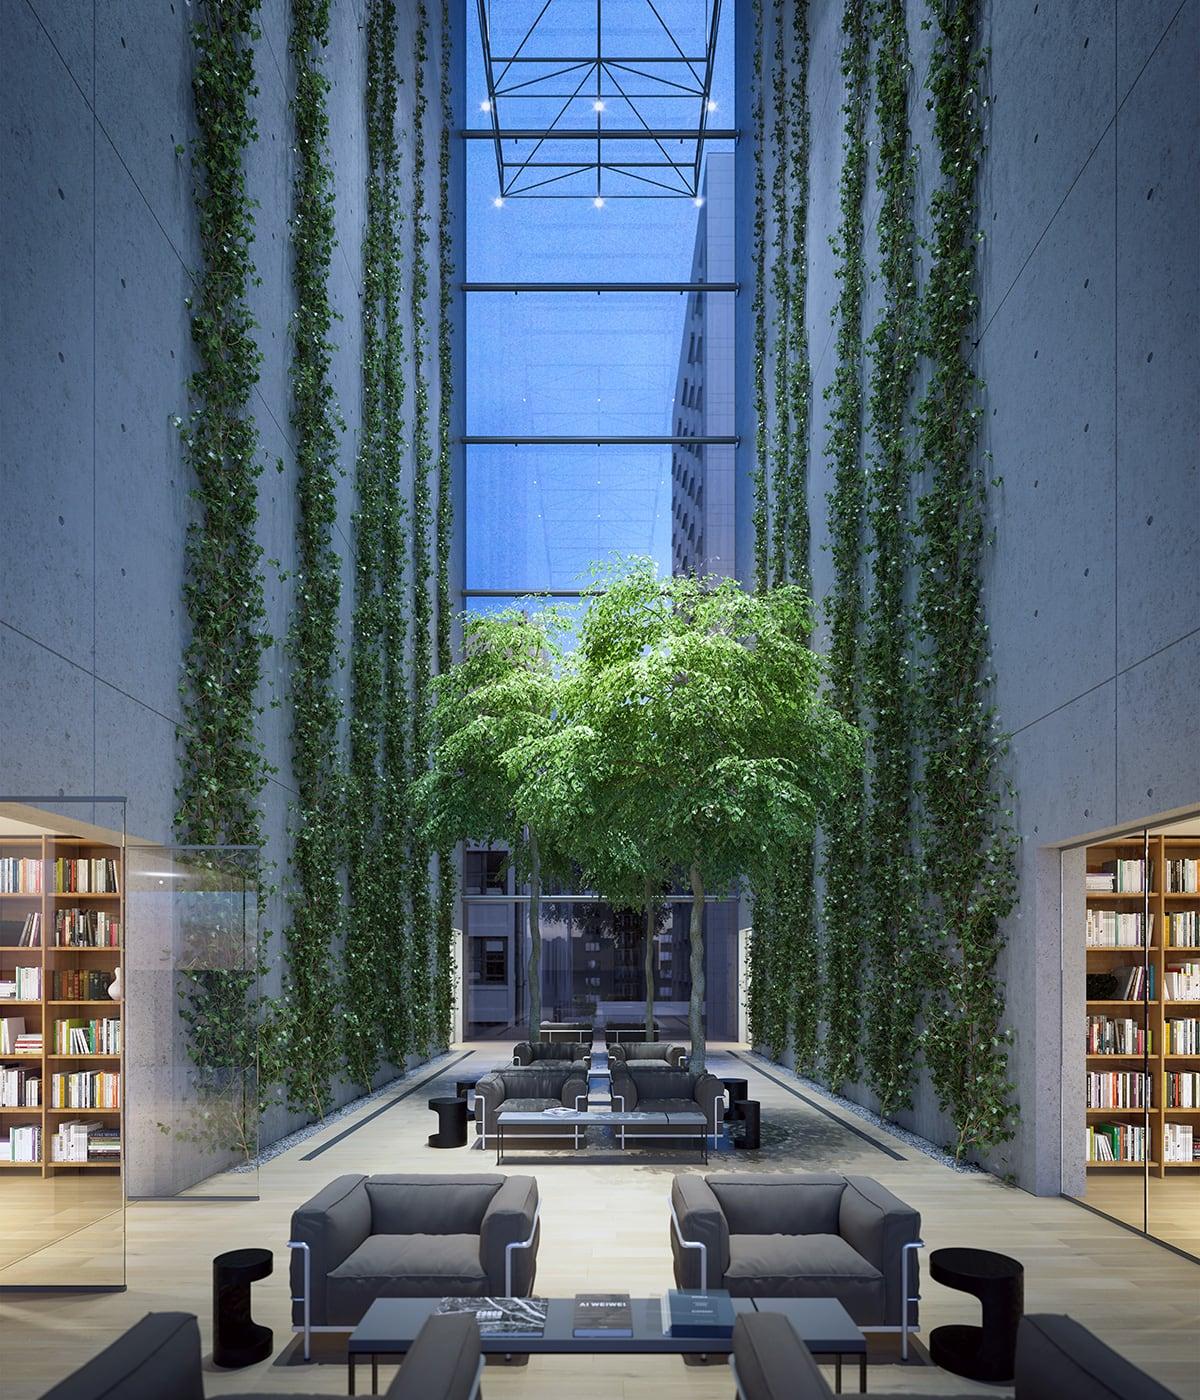 Luxe Digital luxury condo New York 565 Broome SoHo interior